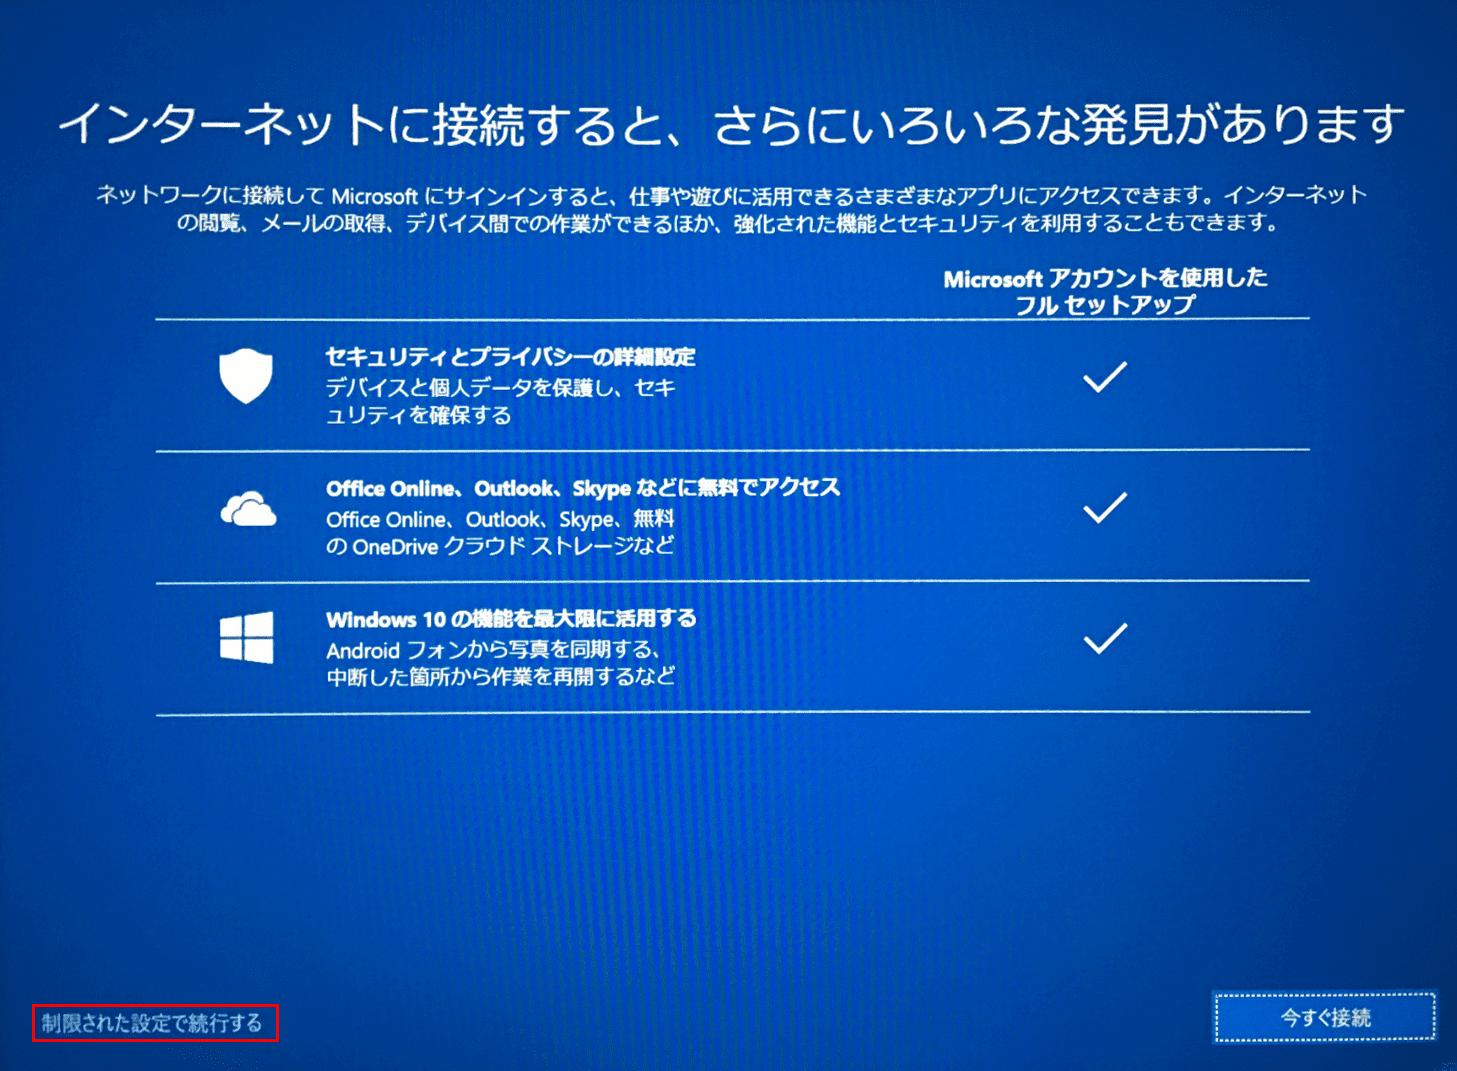 Windows10初期設定、ネットワーク接続推奨ダイアログ